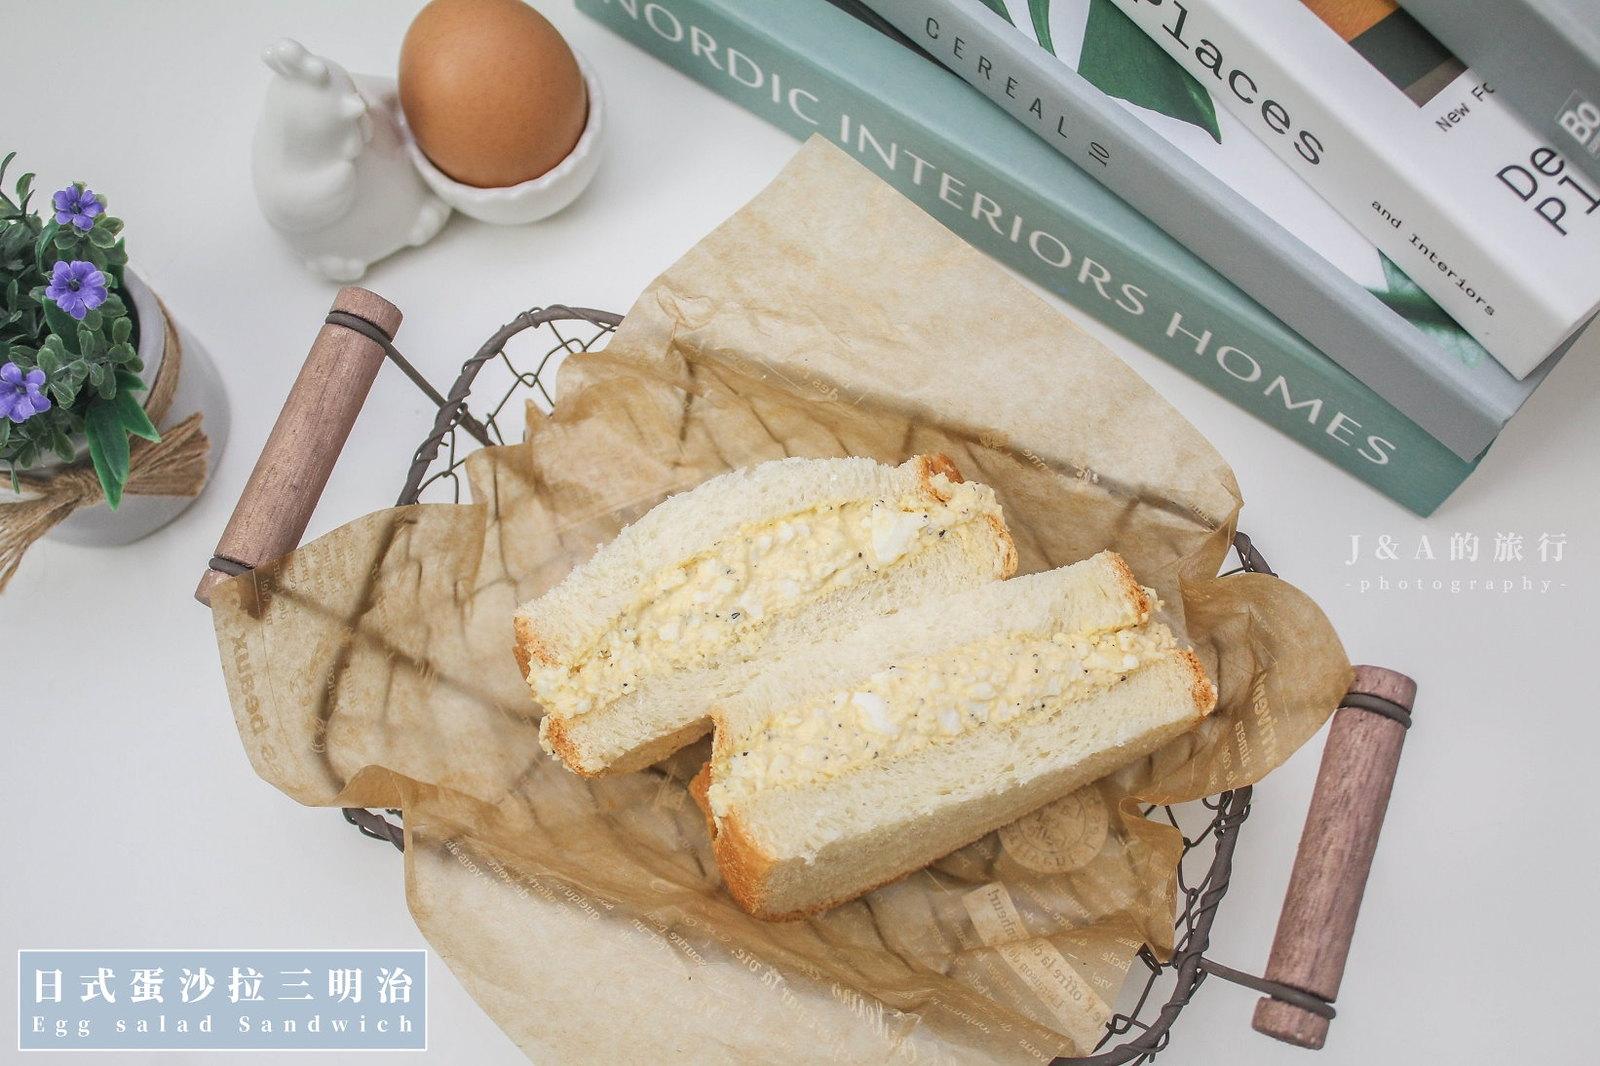 最新推播訊息:簡單自製鬆軟綿密日式蛋沙拉三明治